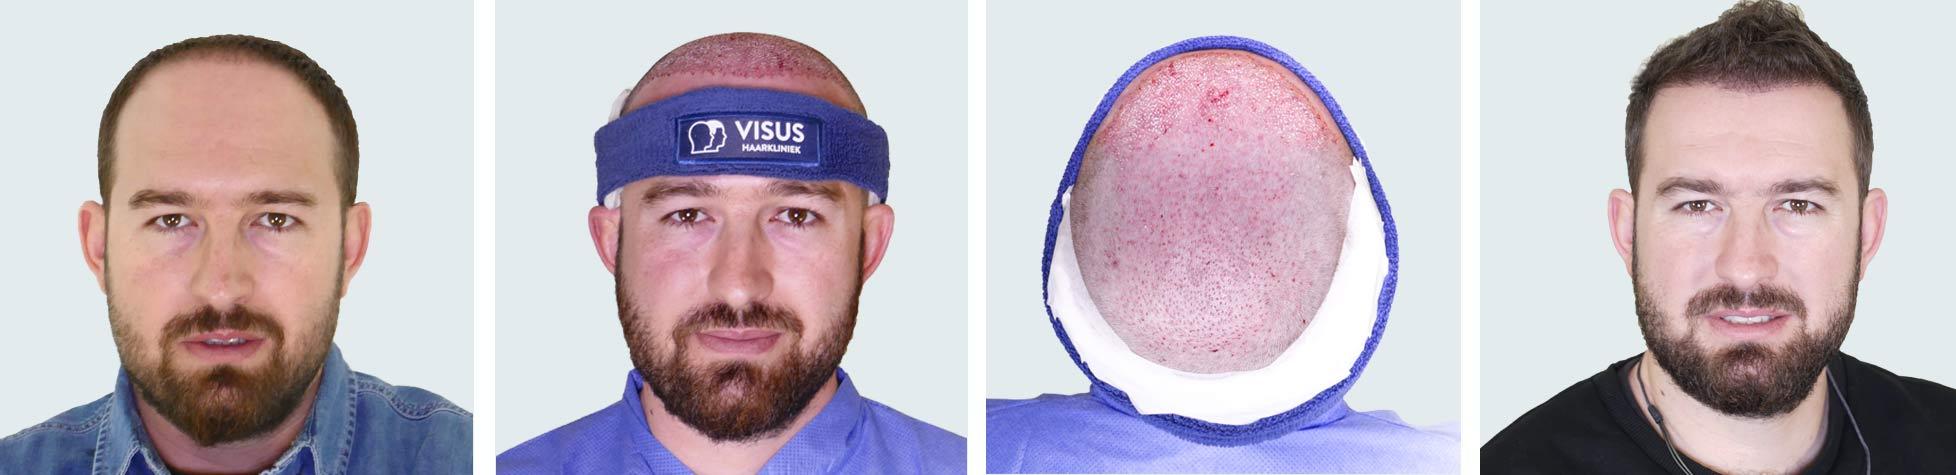 Reeks foto's van haartransplantatie bij patiënt voor en na resultaat